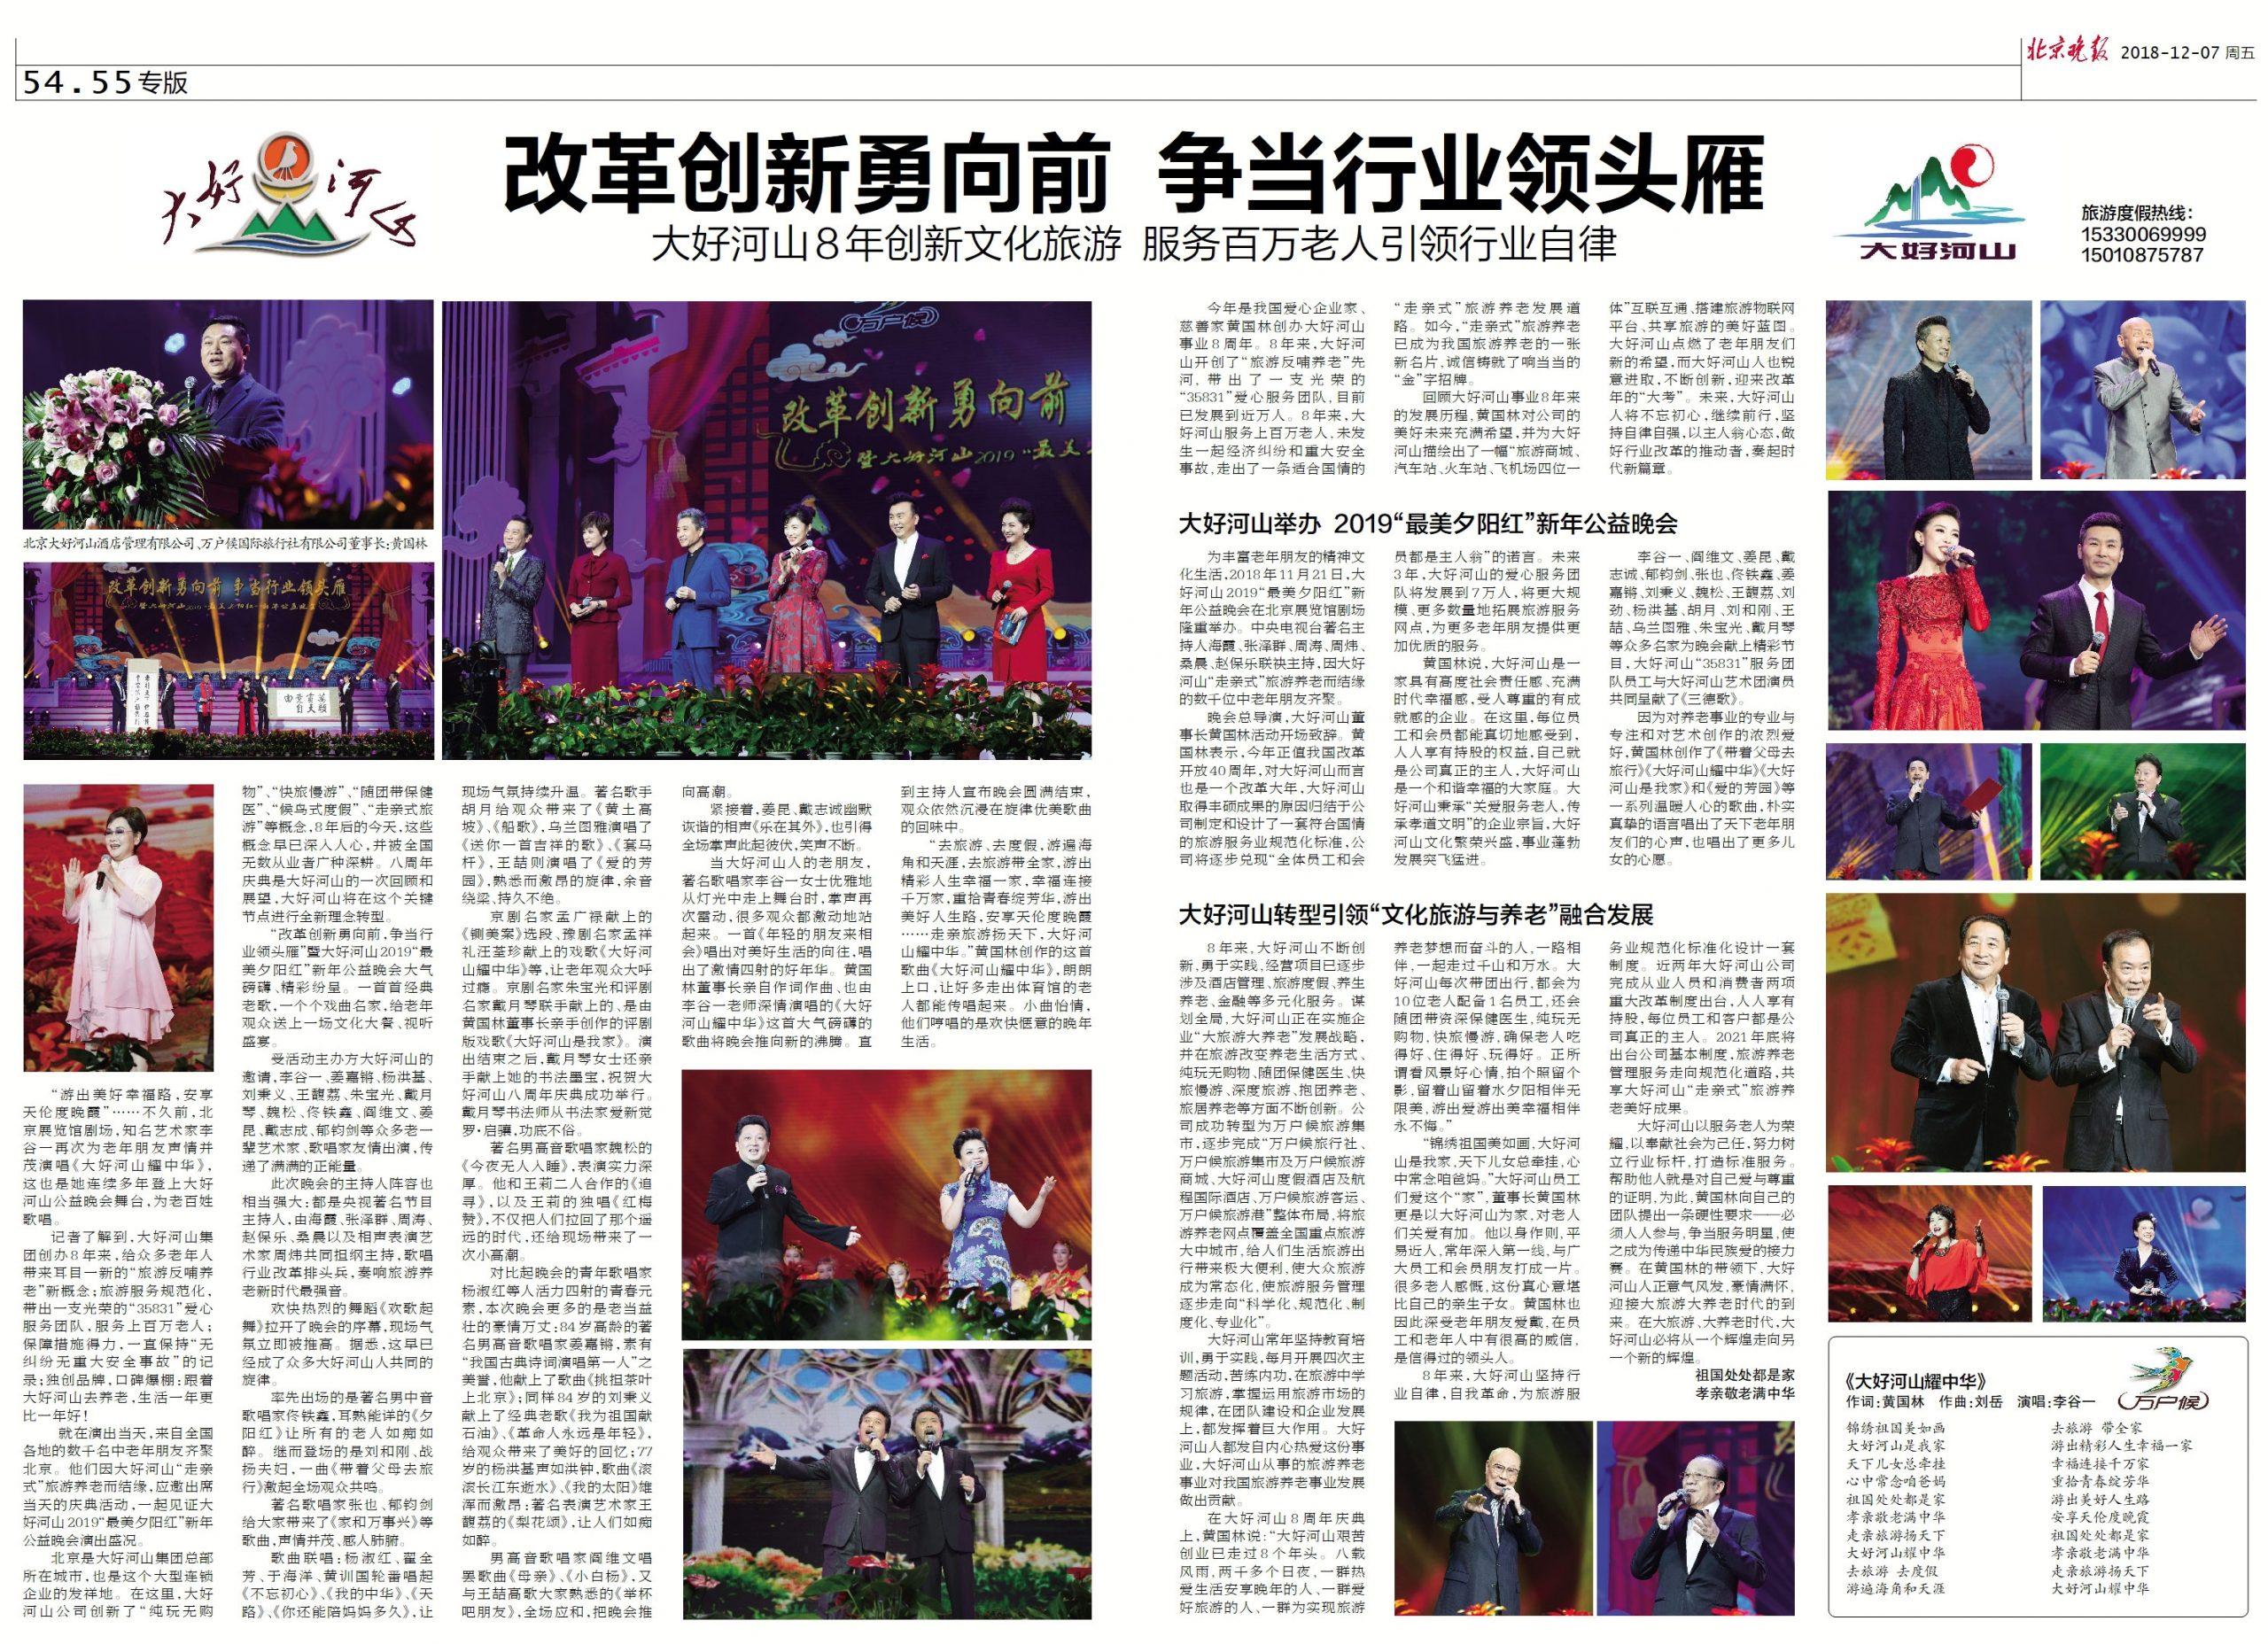 北京晚报 2018-12-07 专版54-55